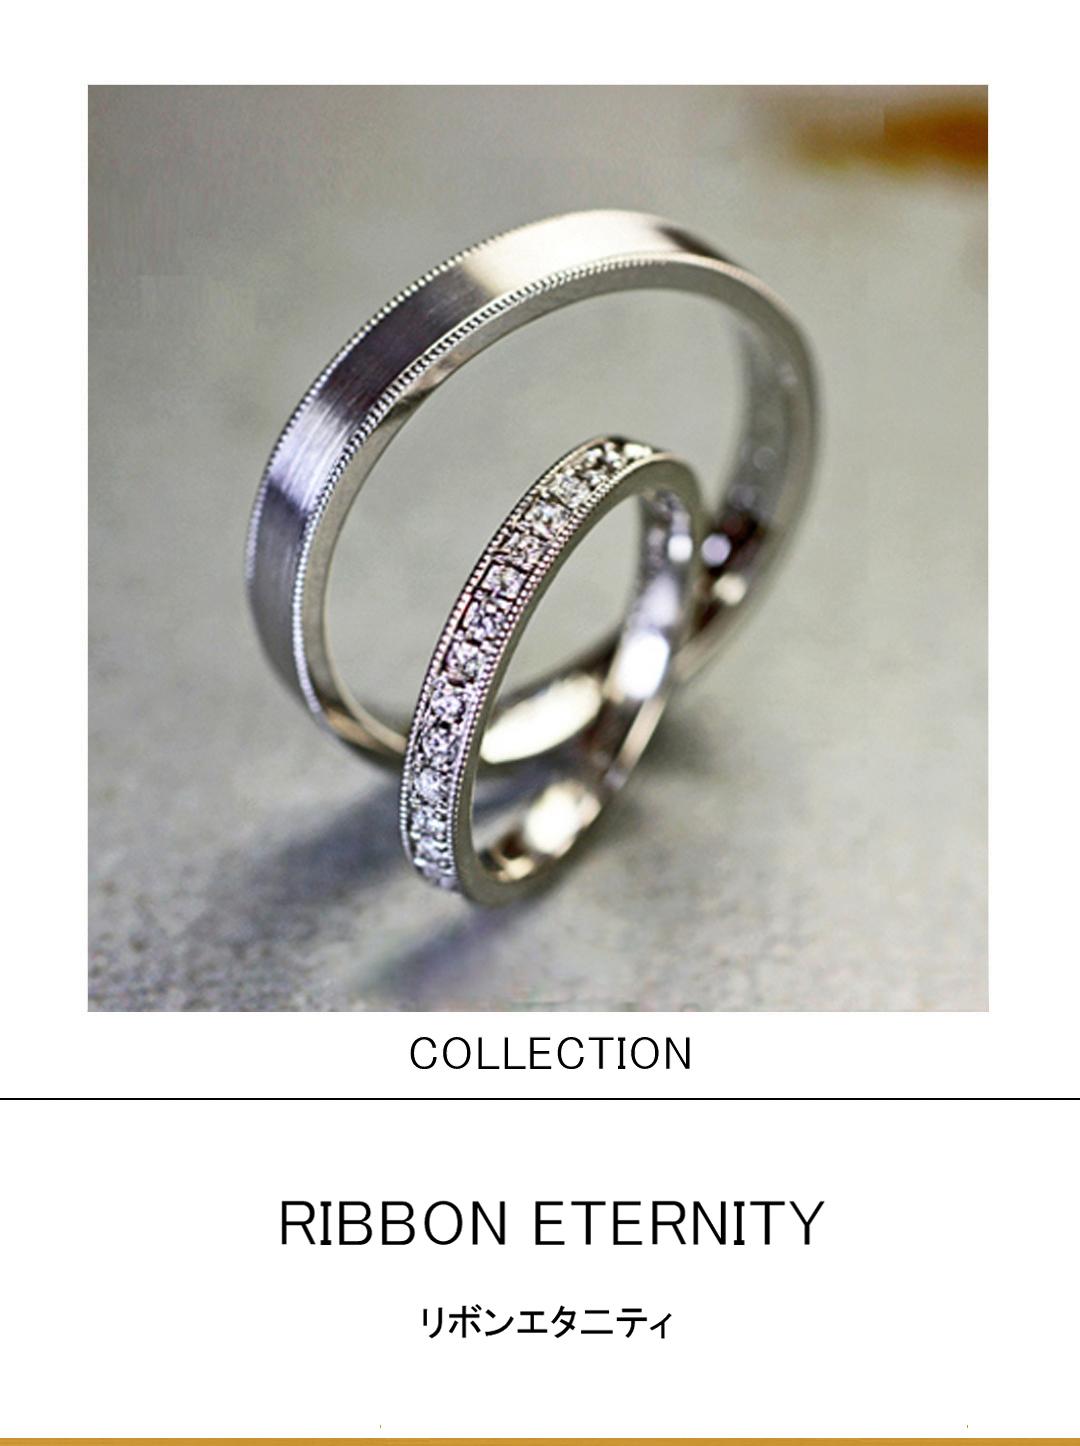 ミルステッチの入った細いダイヤエタ二ティのプラチナ結婚指輪のサムネイル